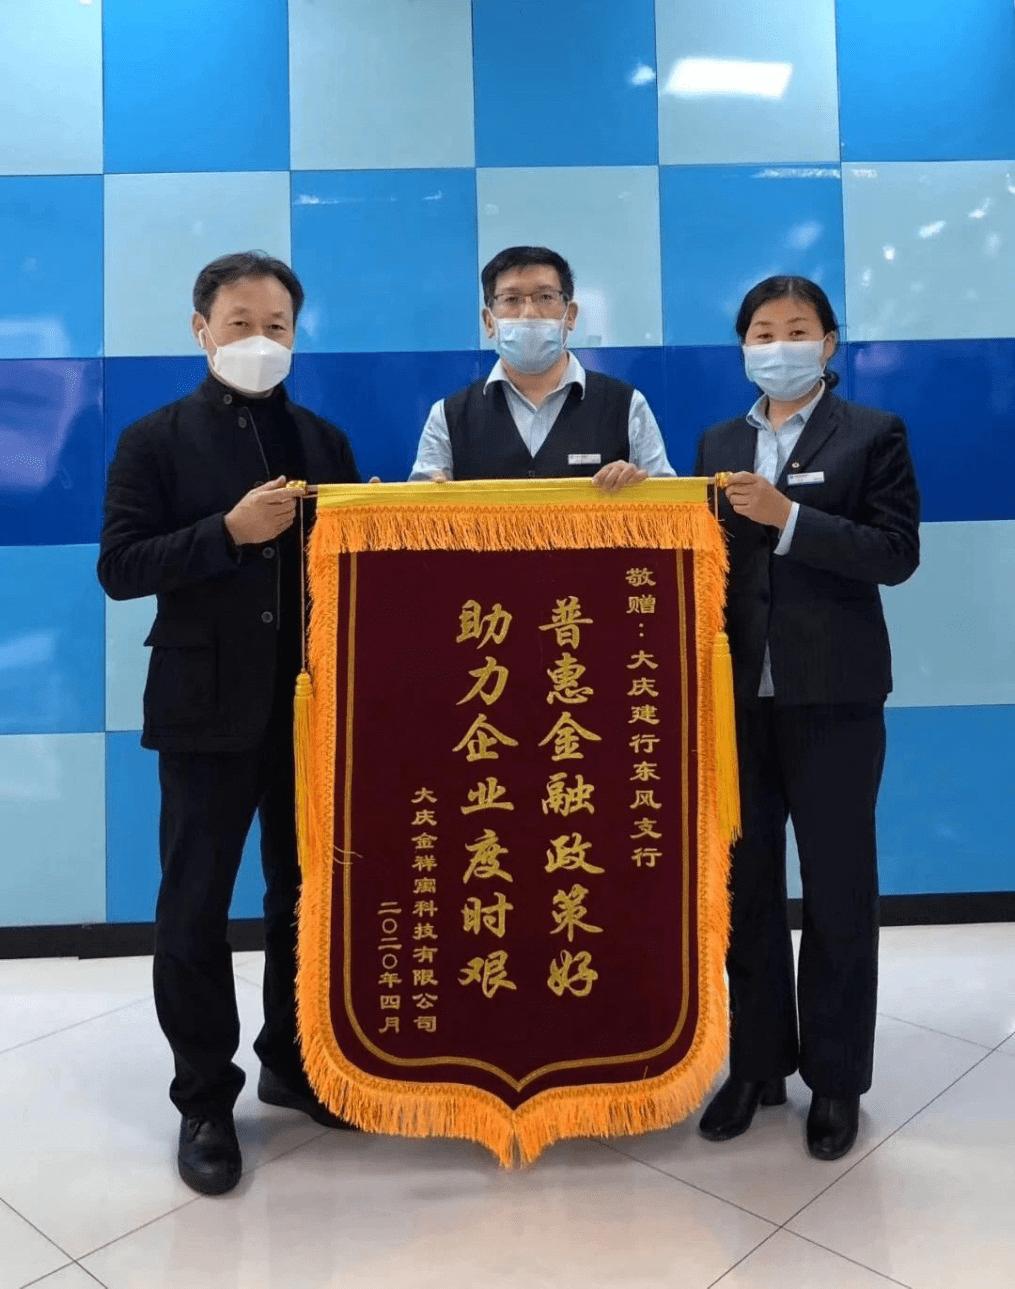 建设黑龙江省大庆分行:弘扬大庆精神 尊